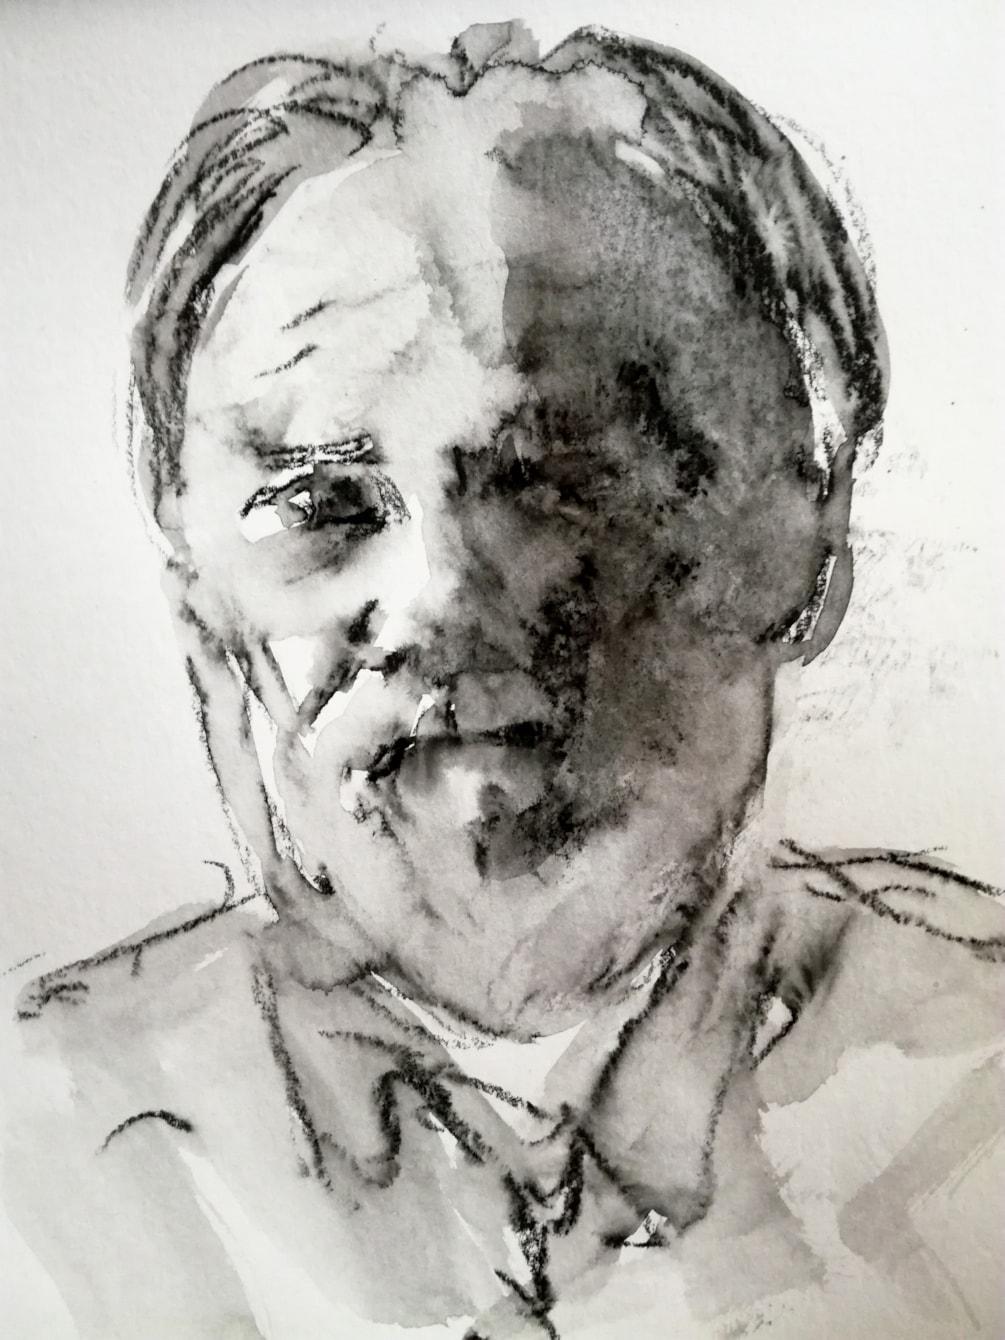 Self-portrait in shadow